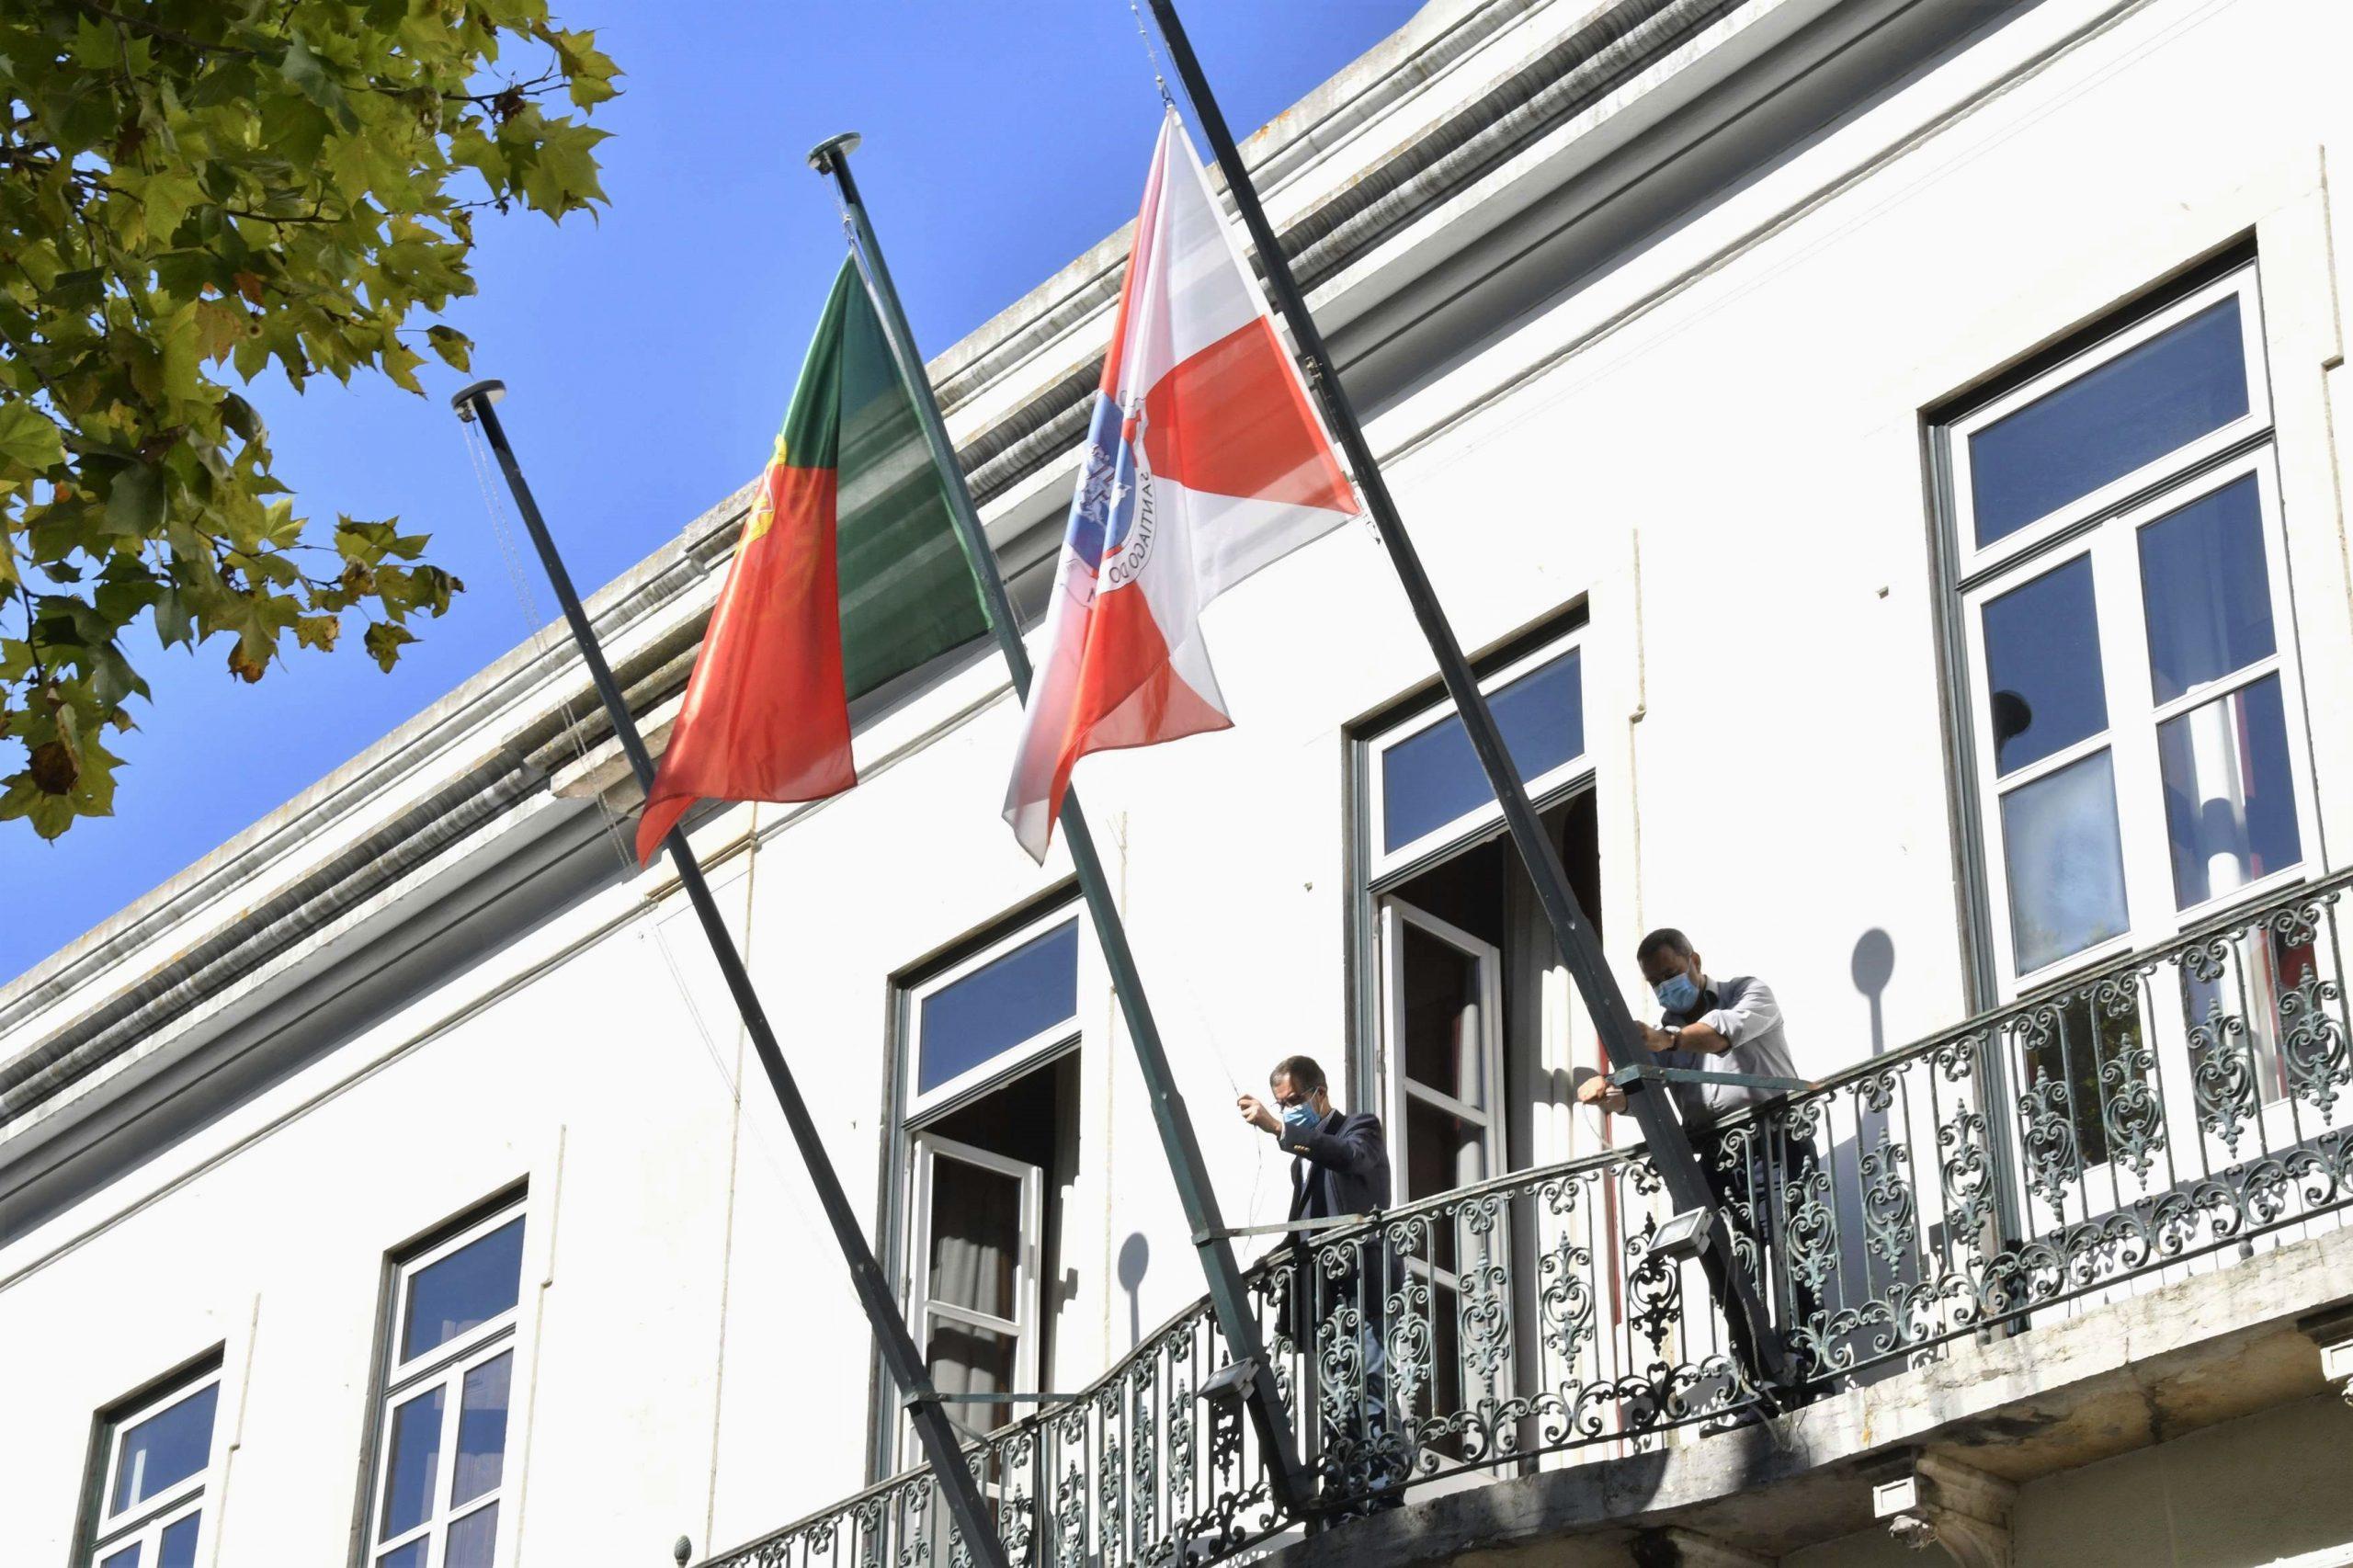 Cerimónia do Hastear da Bandeira - Dia do Município